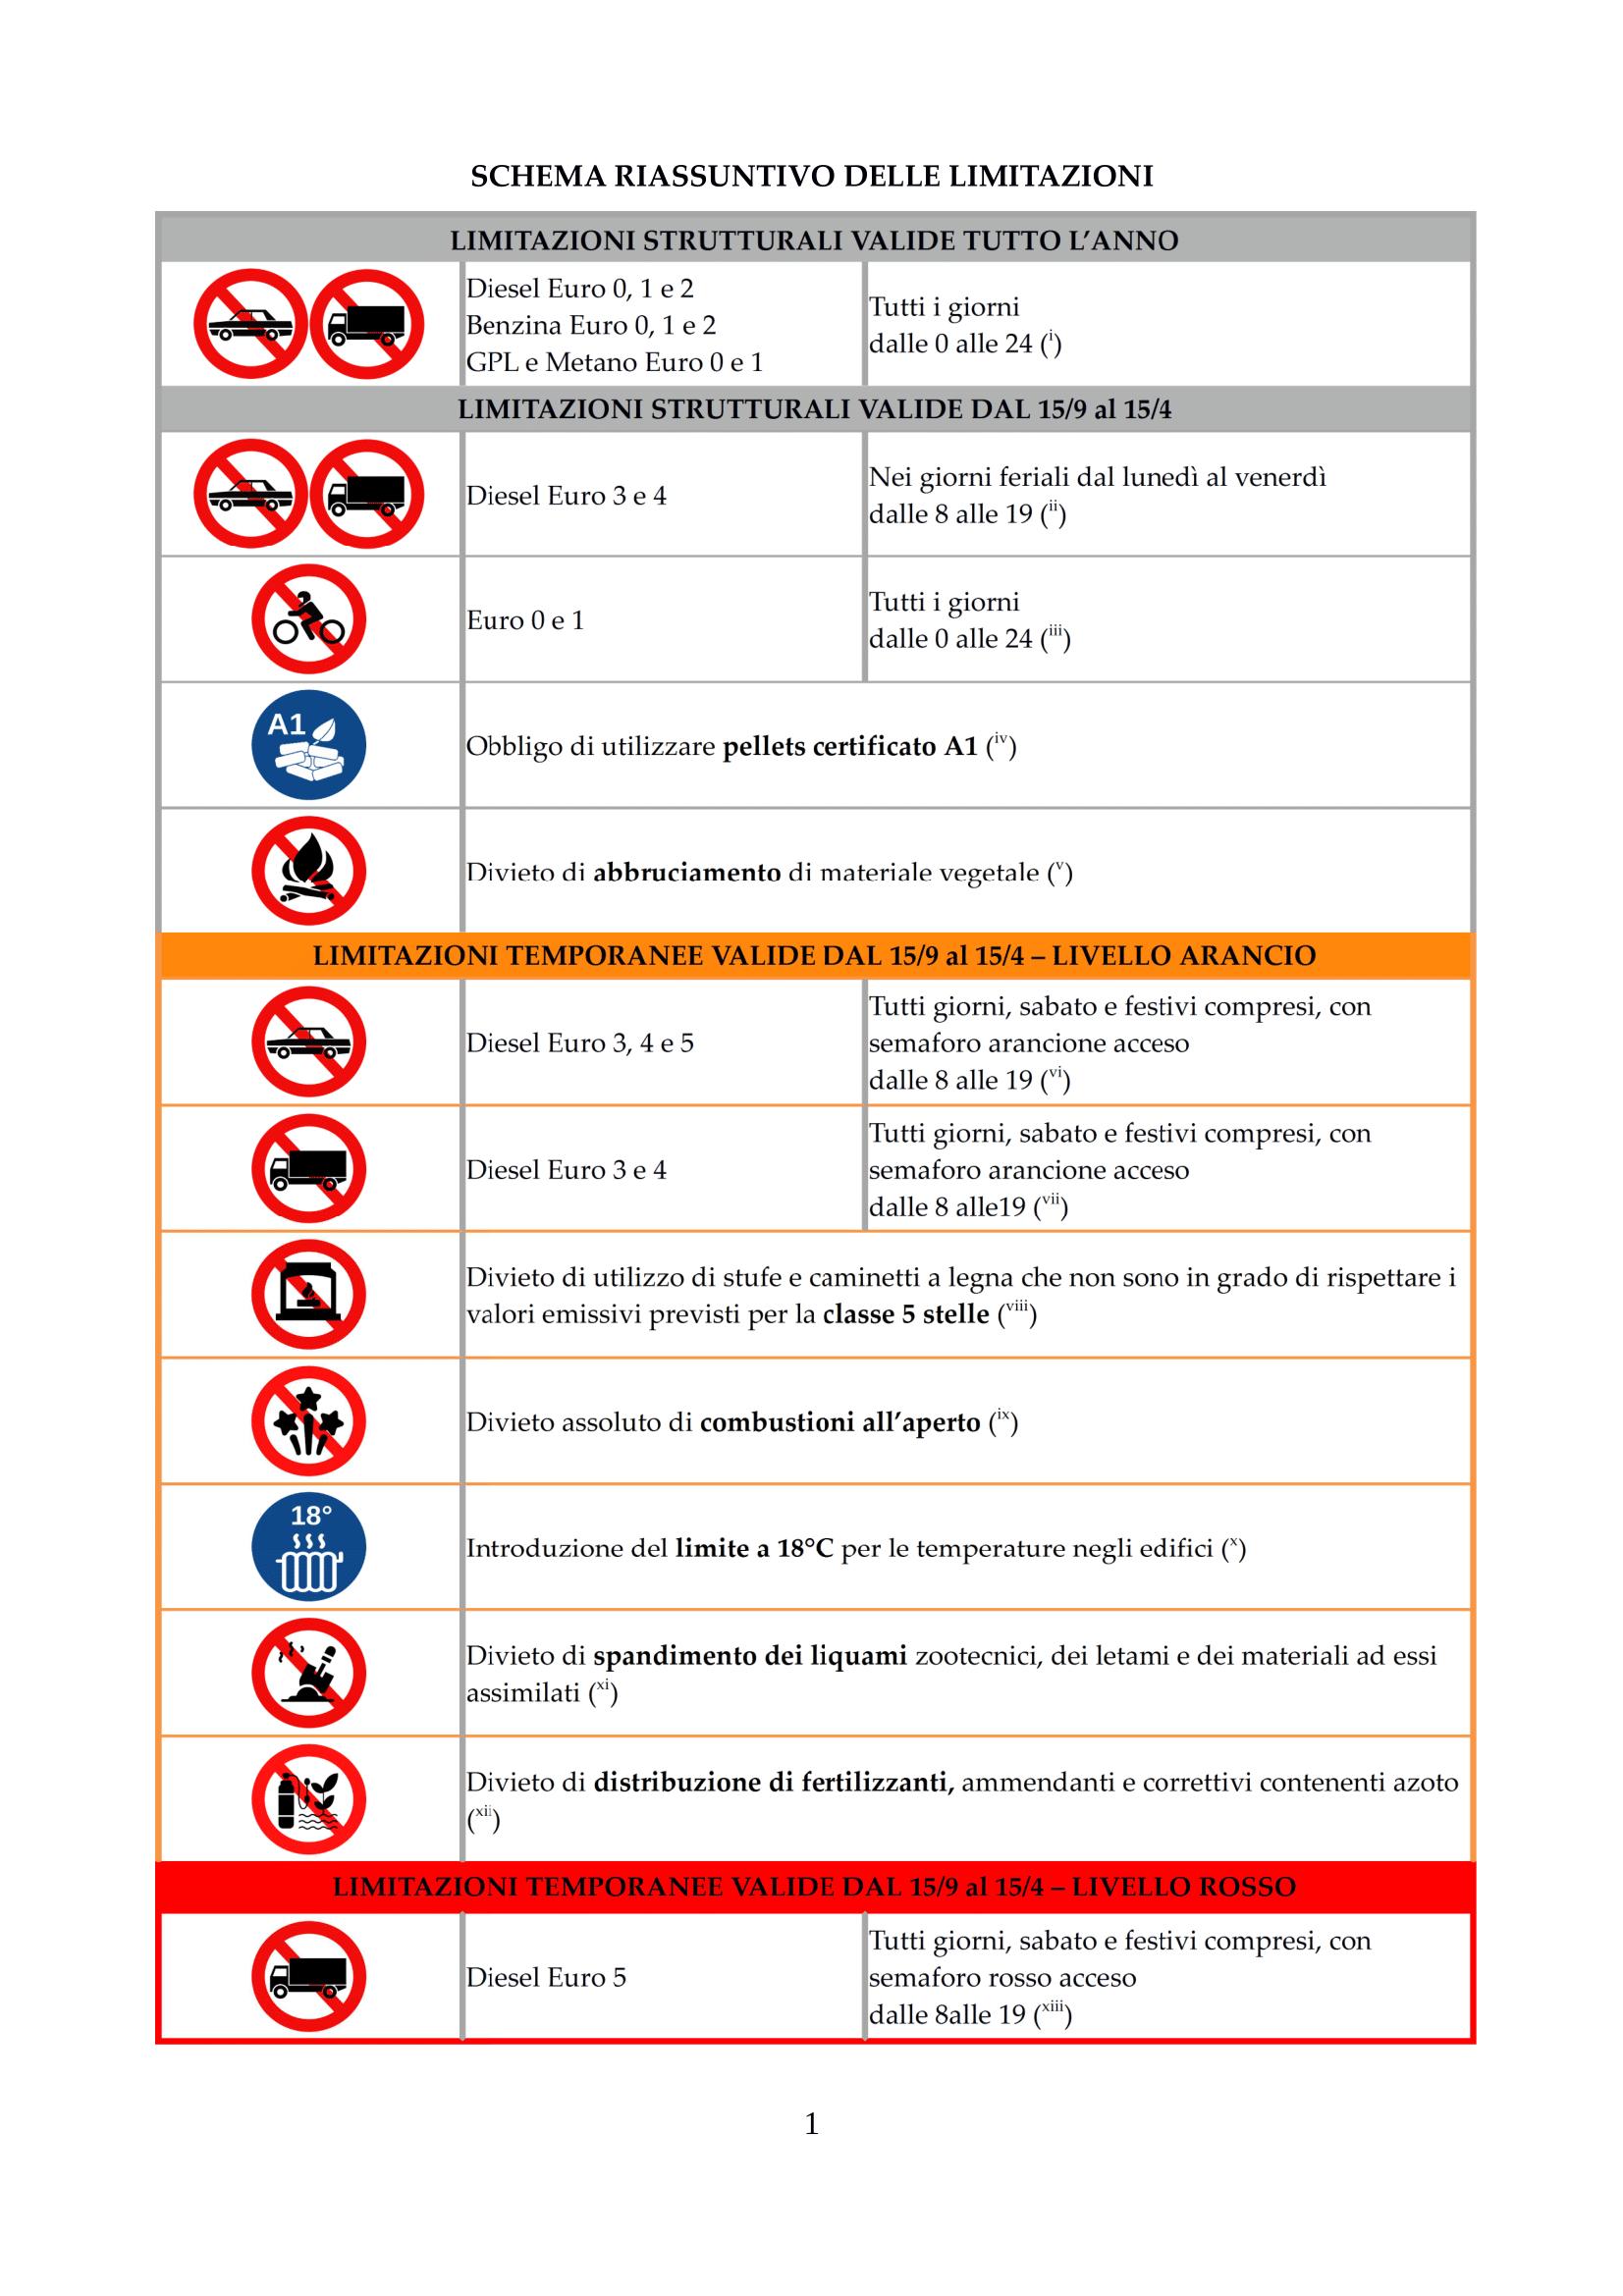 SCHEMA RIASSUNTIVO DELLE LIMITAZIONI-1